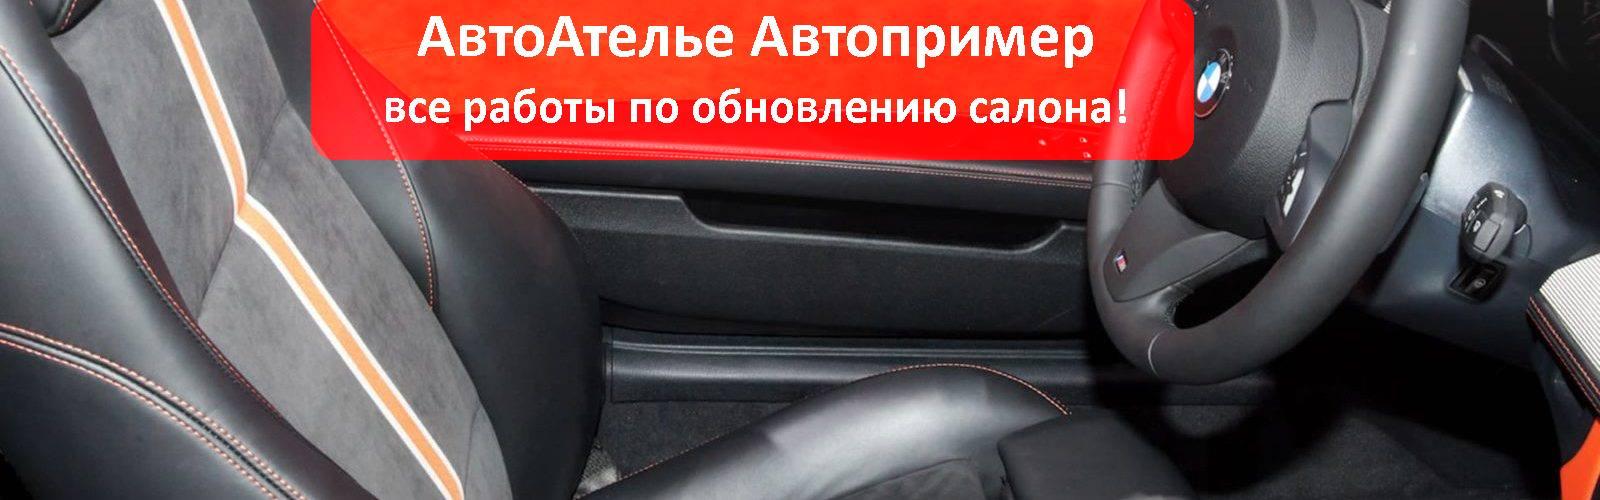 Авто ателье автопример